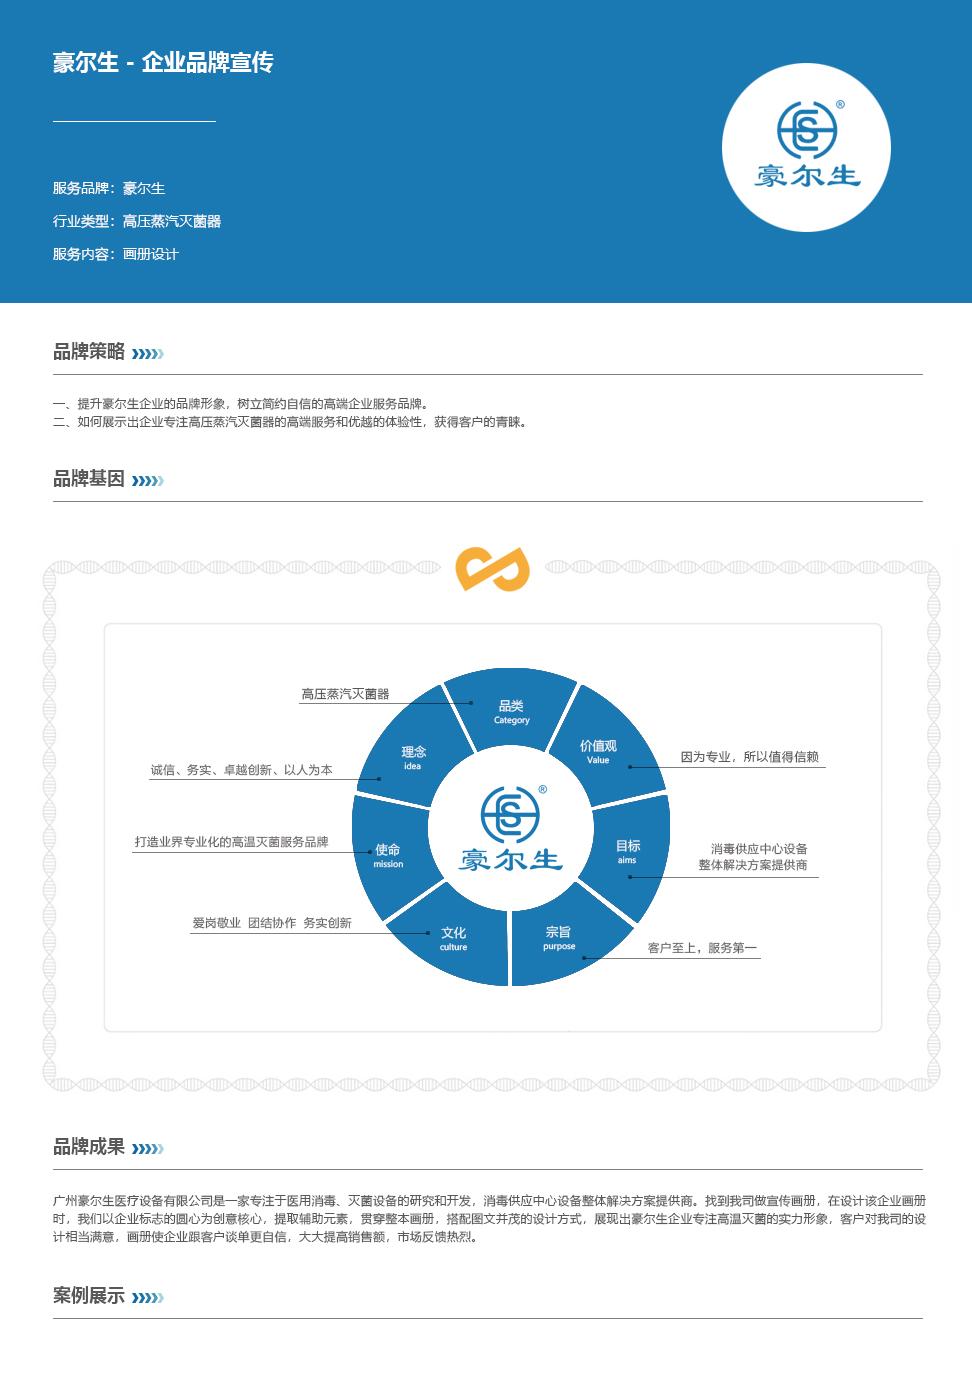 豪尔生公司彩页设计_医疗设备彩页设计_产品彩页设计